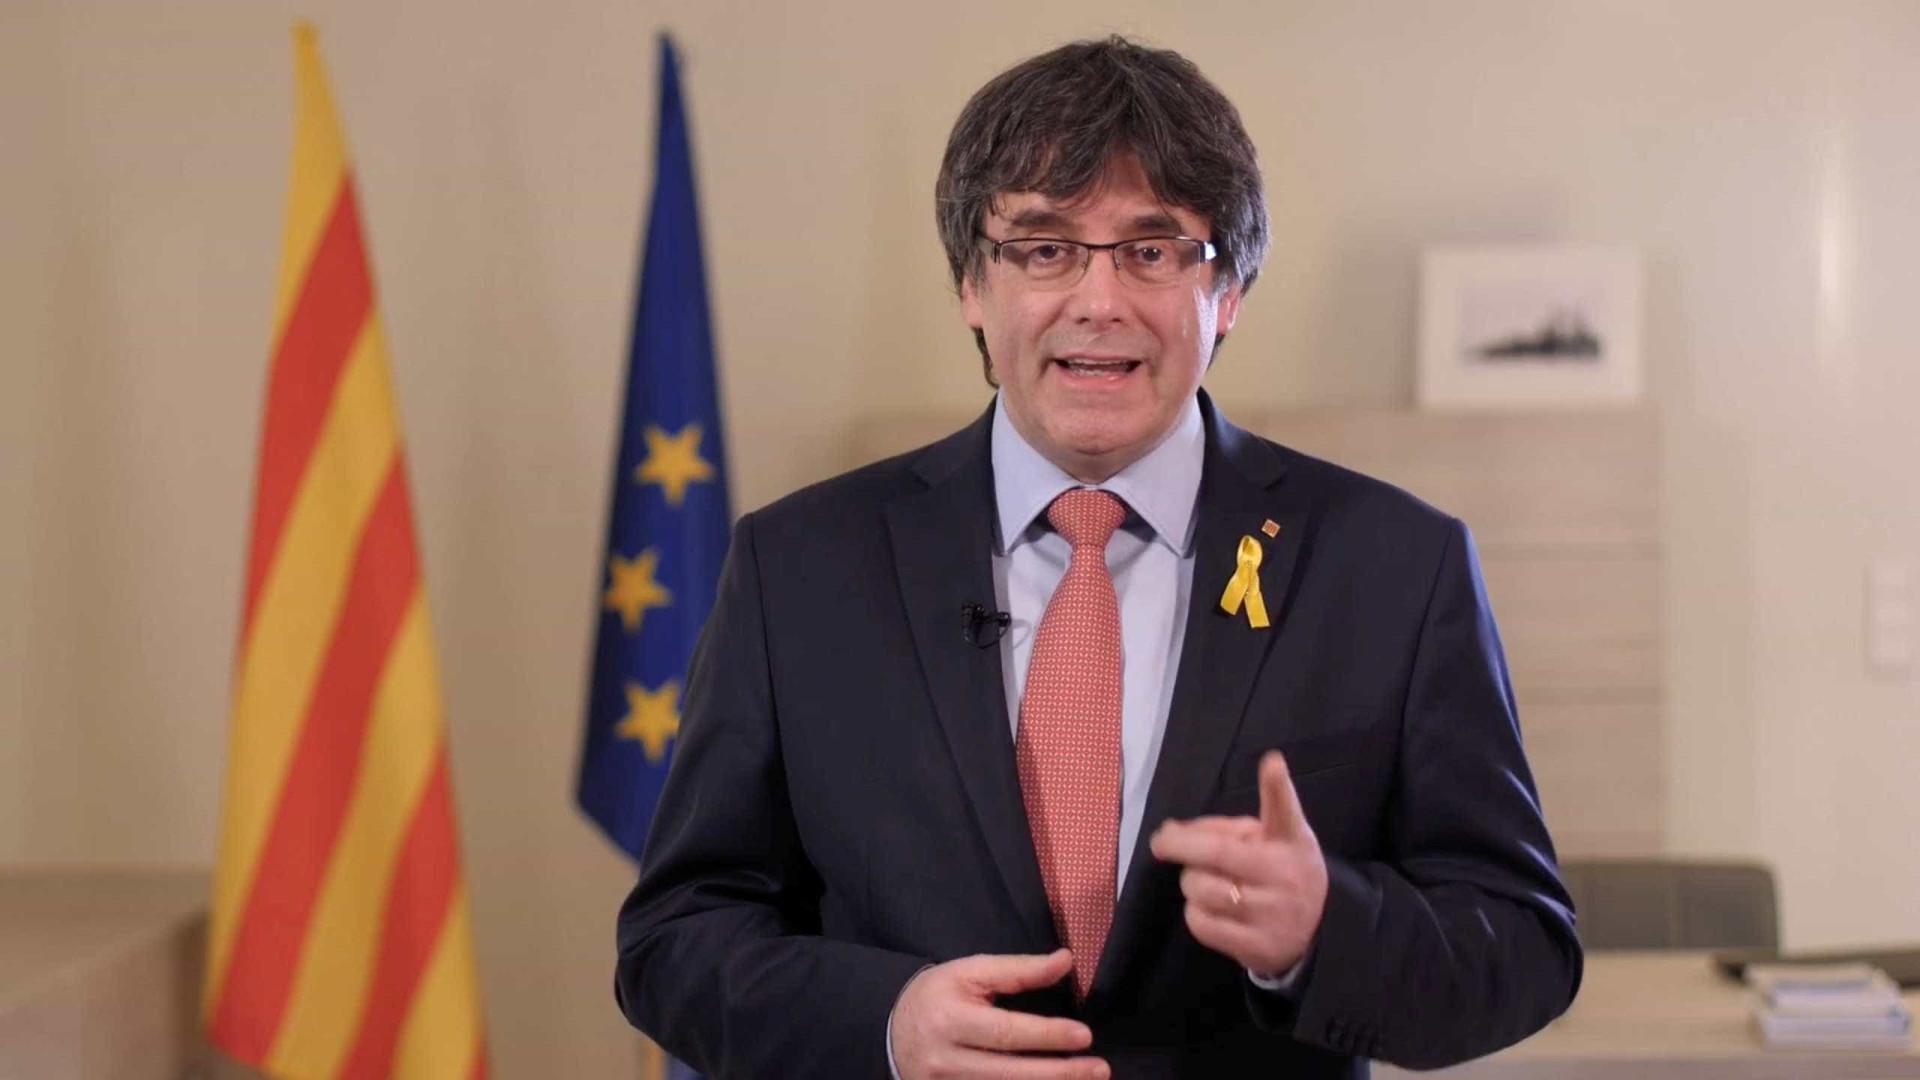 Puigdemont desiste de recuperar governo — Catalunha